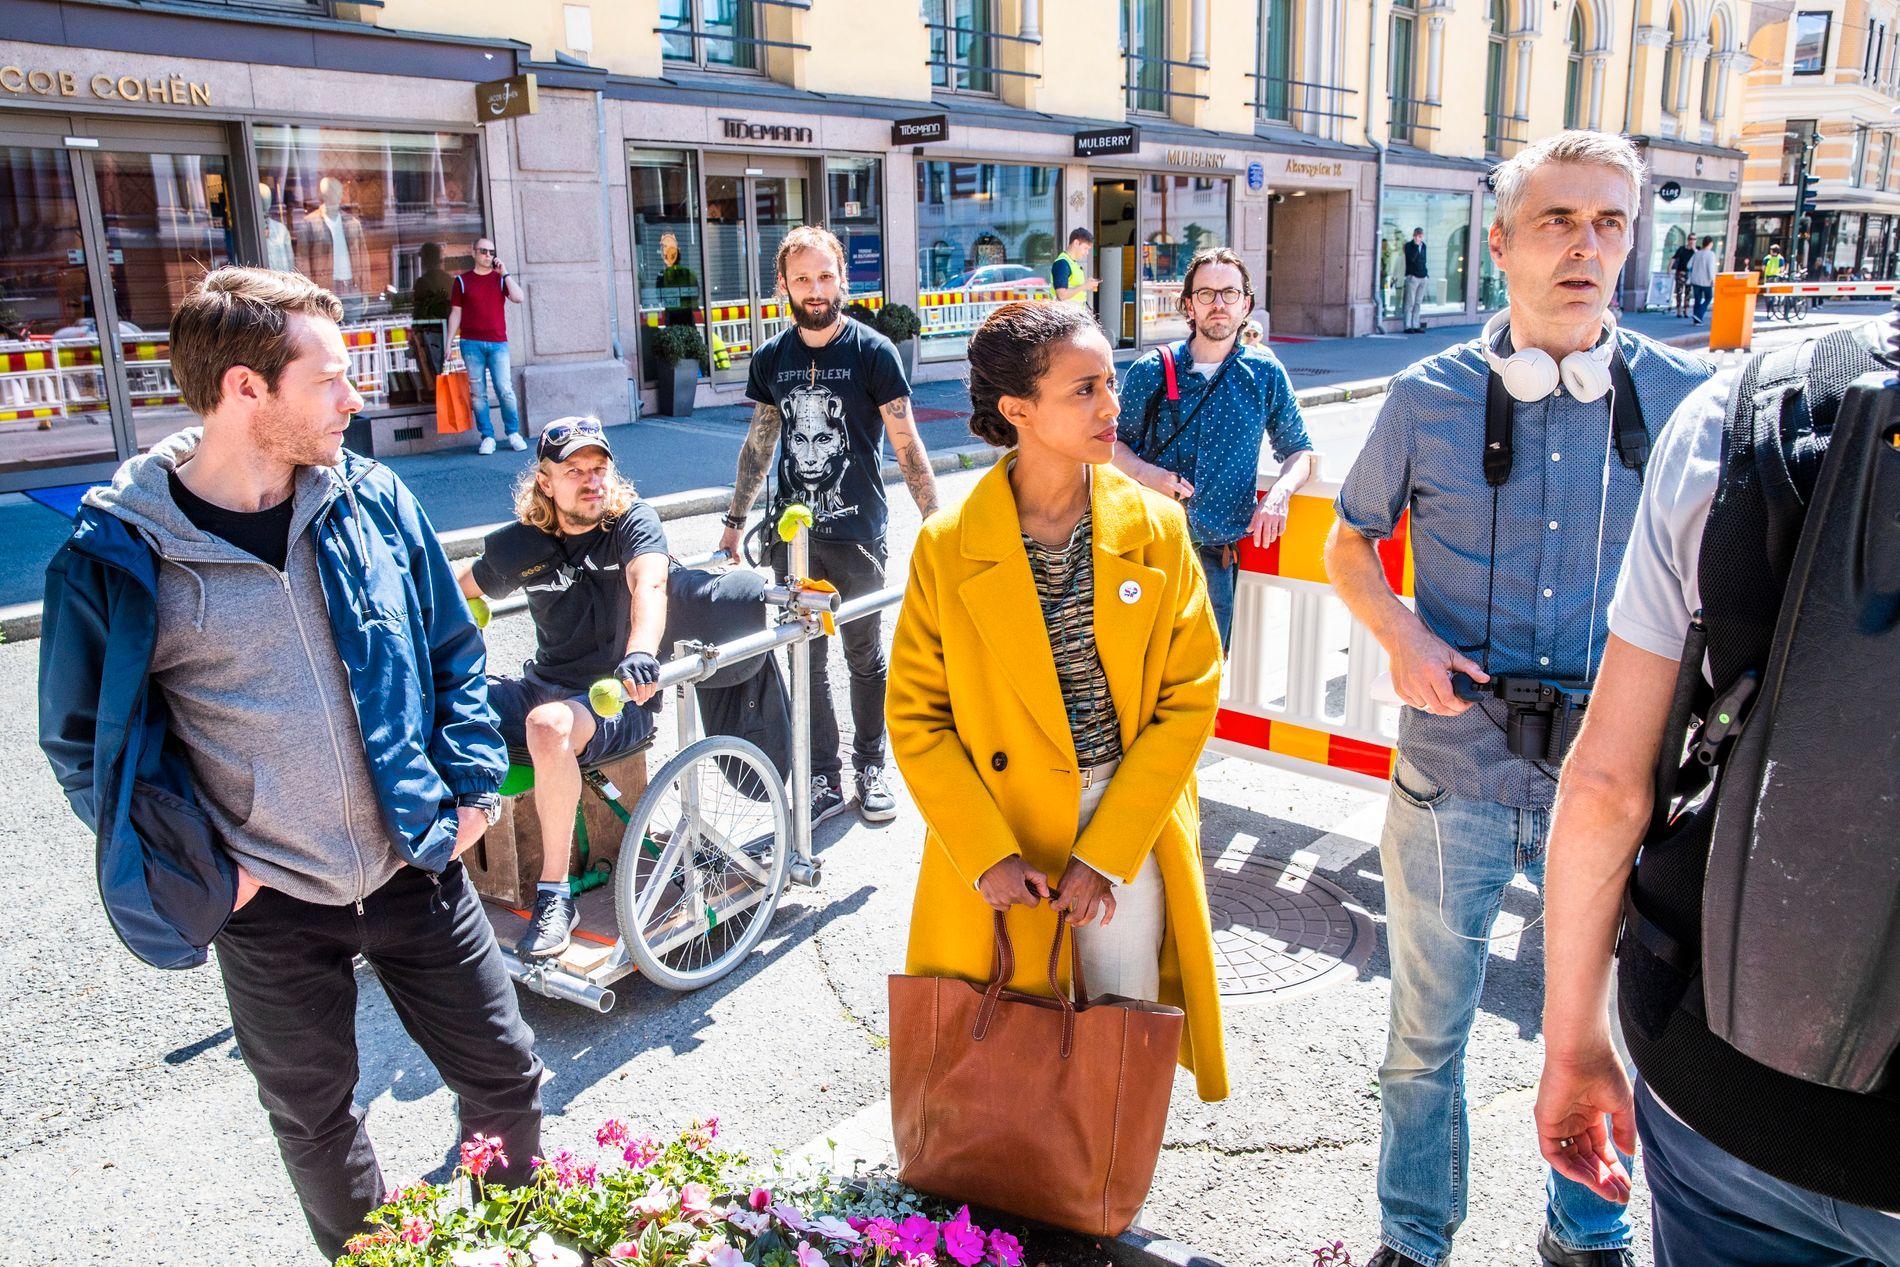 KJENTE FJES: Fra venstre Eldar Skar som spiller Hans martin Djupvik som var PST-sjef i de første sesongene. Selome Emnetu spiller hans kone Hilde Djupvik, som nå engasjerer seg politisk. Til høyre regissør Erik Skjoldbjærg.